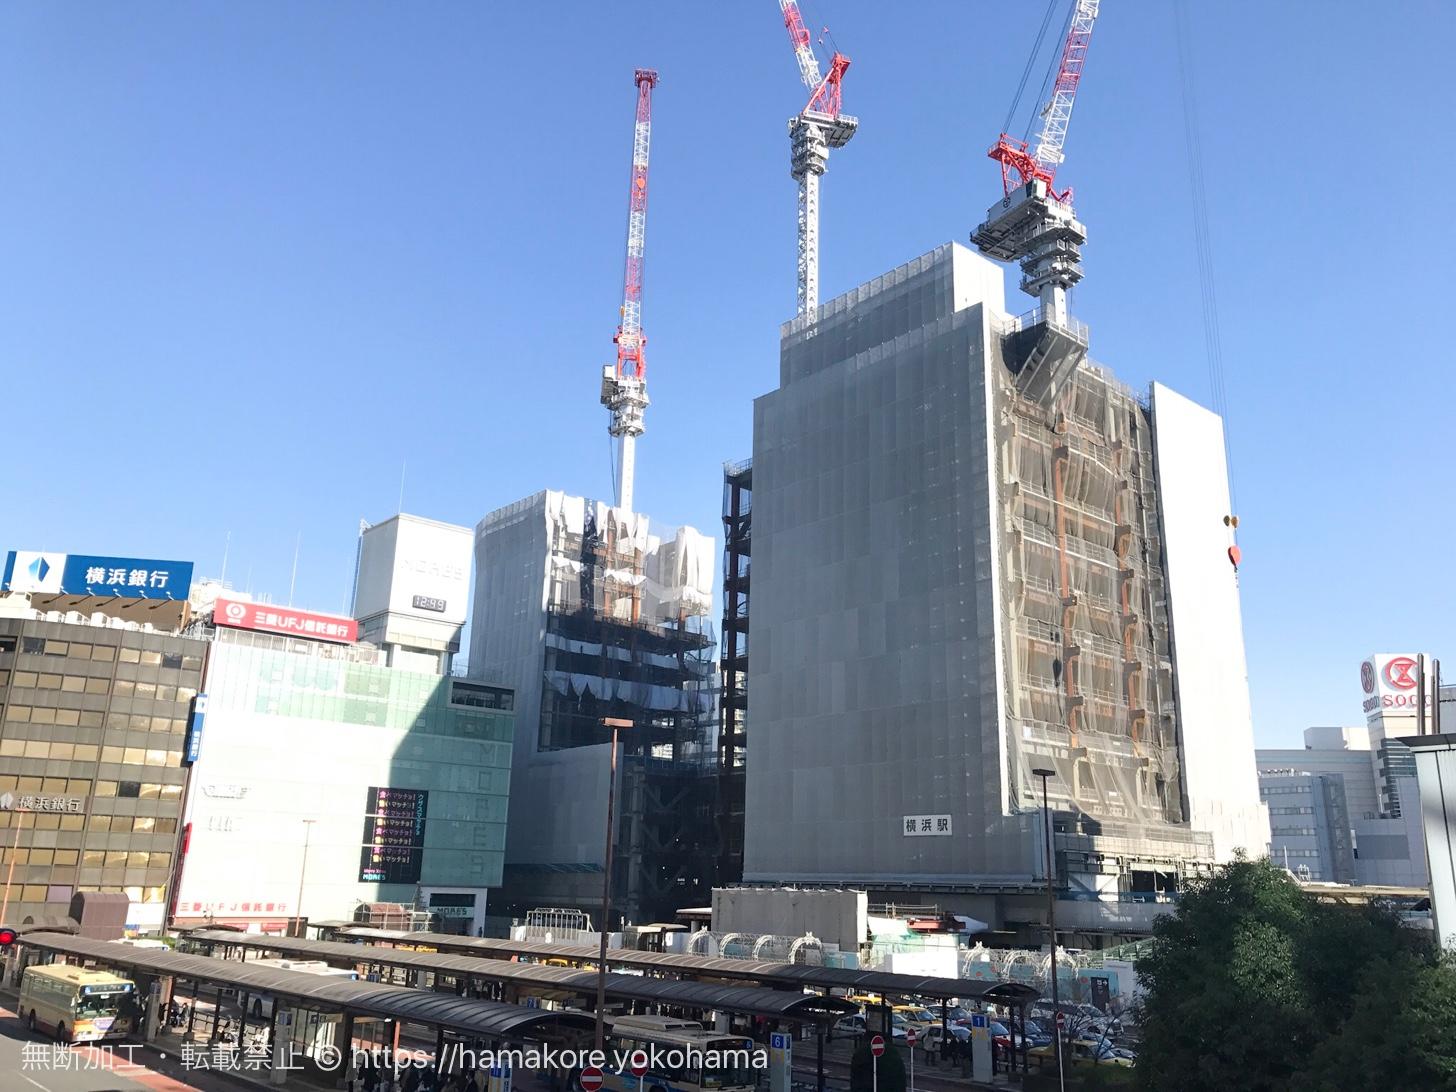 2017年12月 横浜駅西口 駅ビル完成までの様子 [写真掲載]